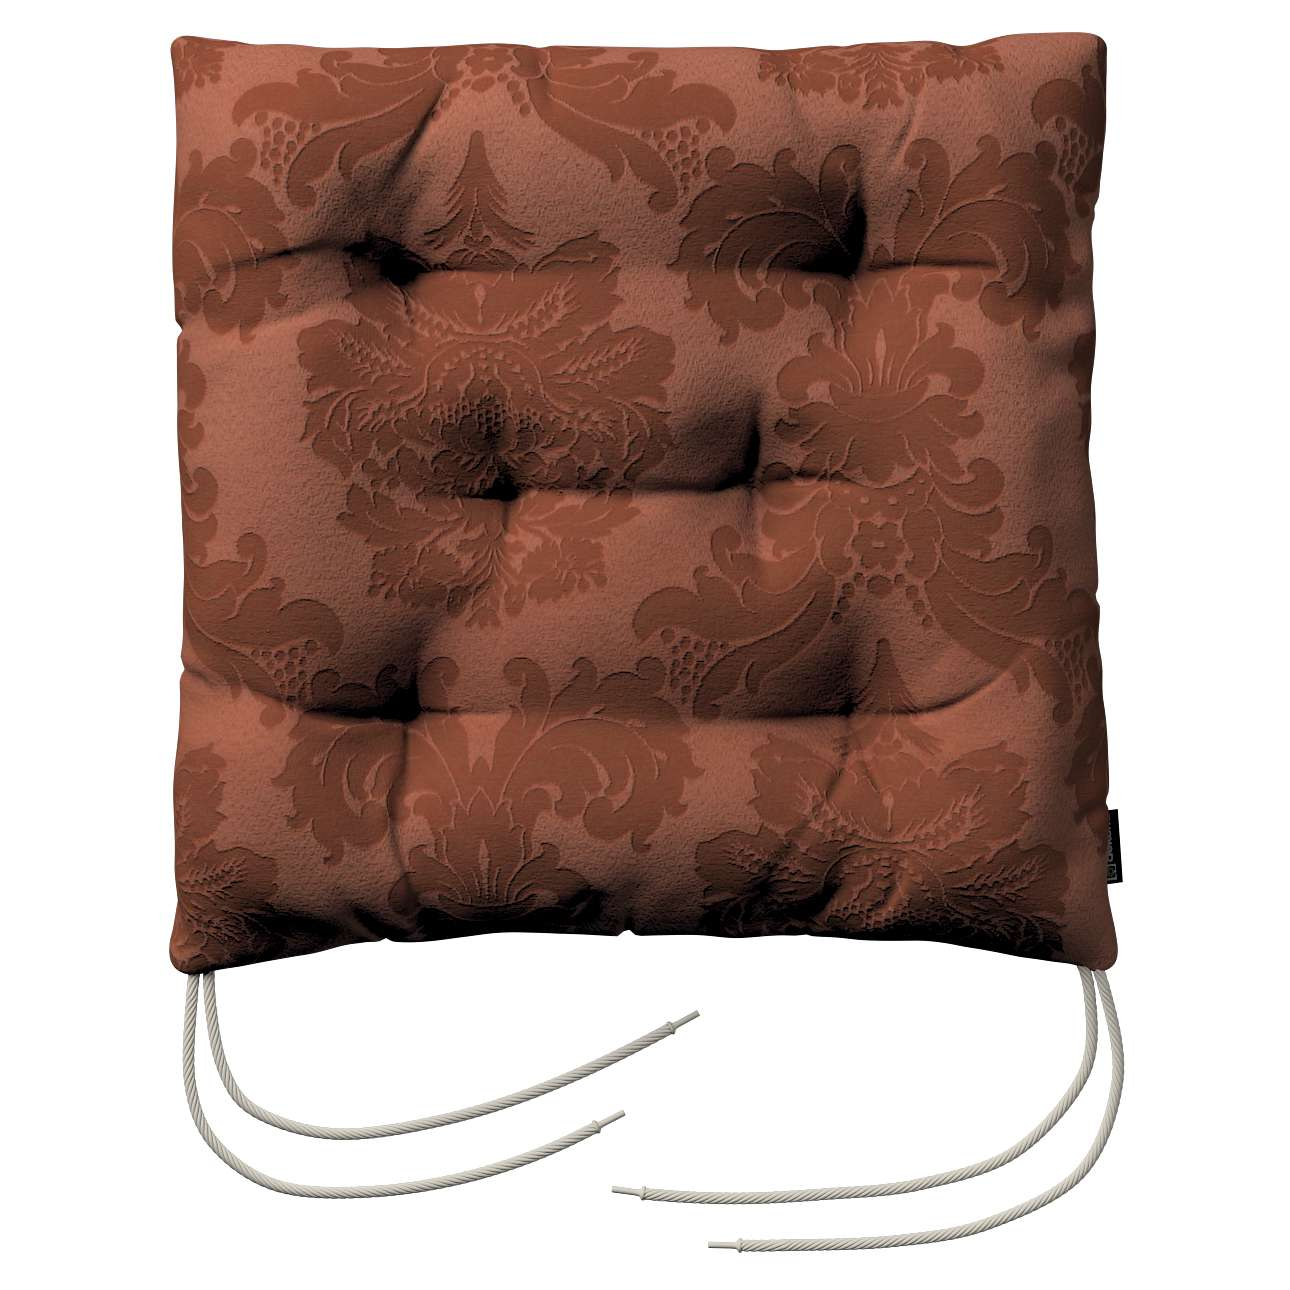 Siedzisko Jacek na krzesło 38x38x8cm w kolekcji Damasco, tkanina: 613-88